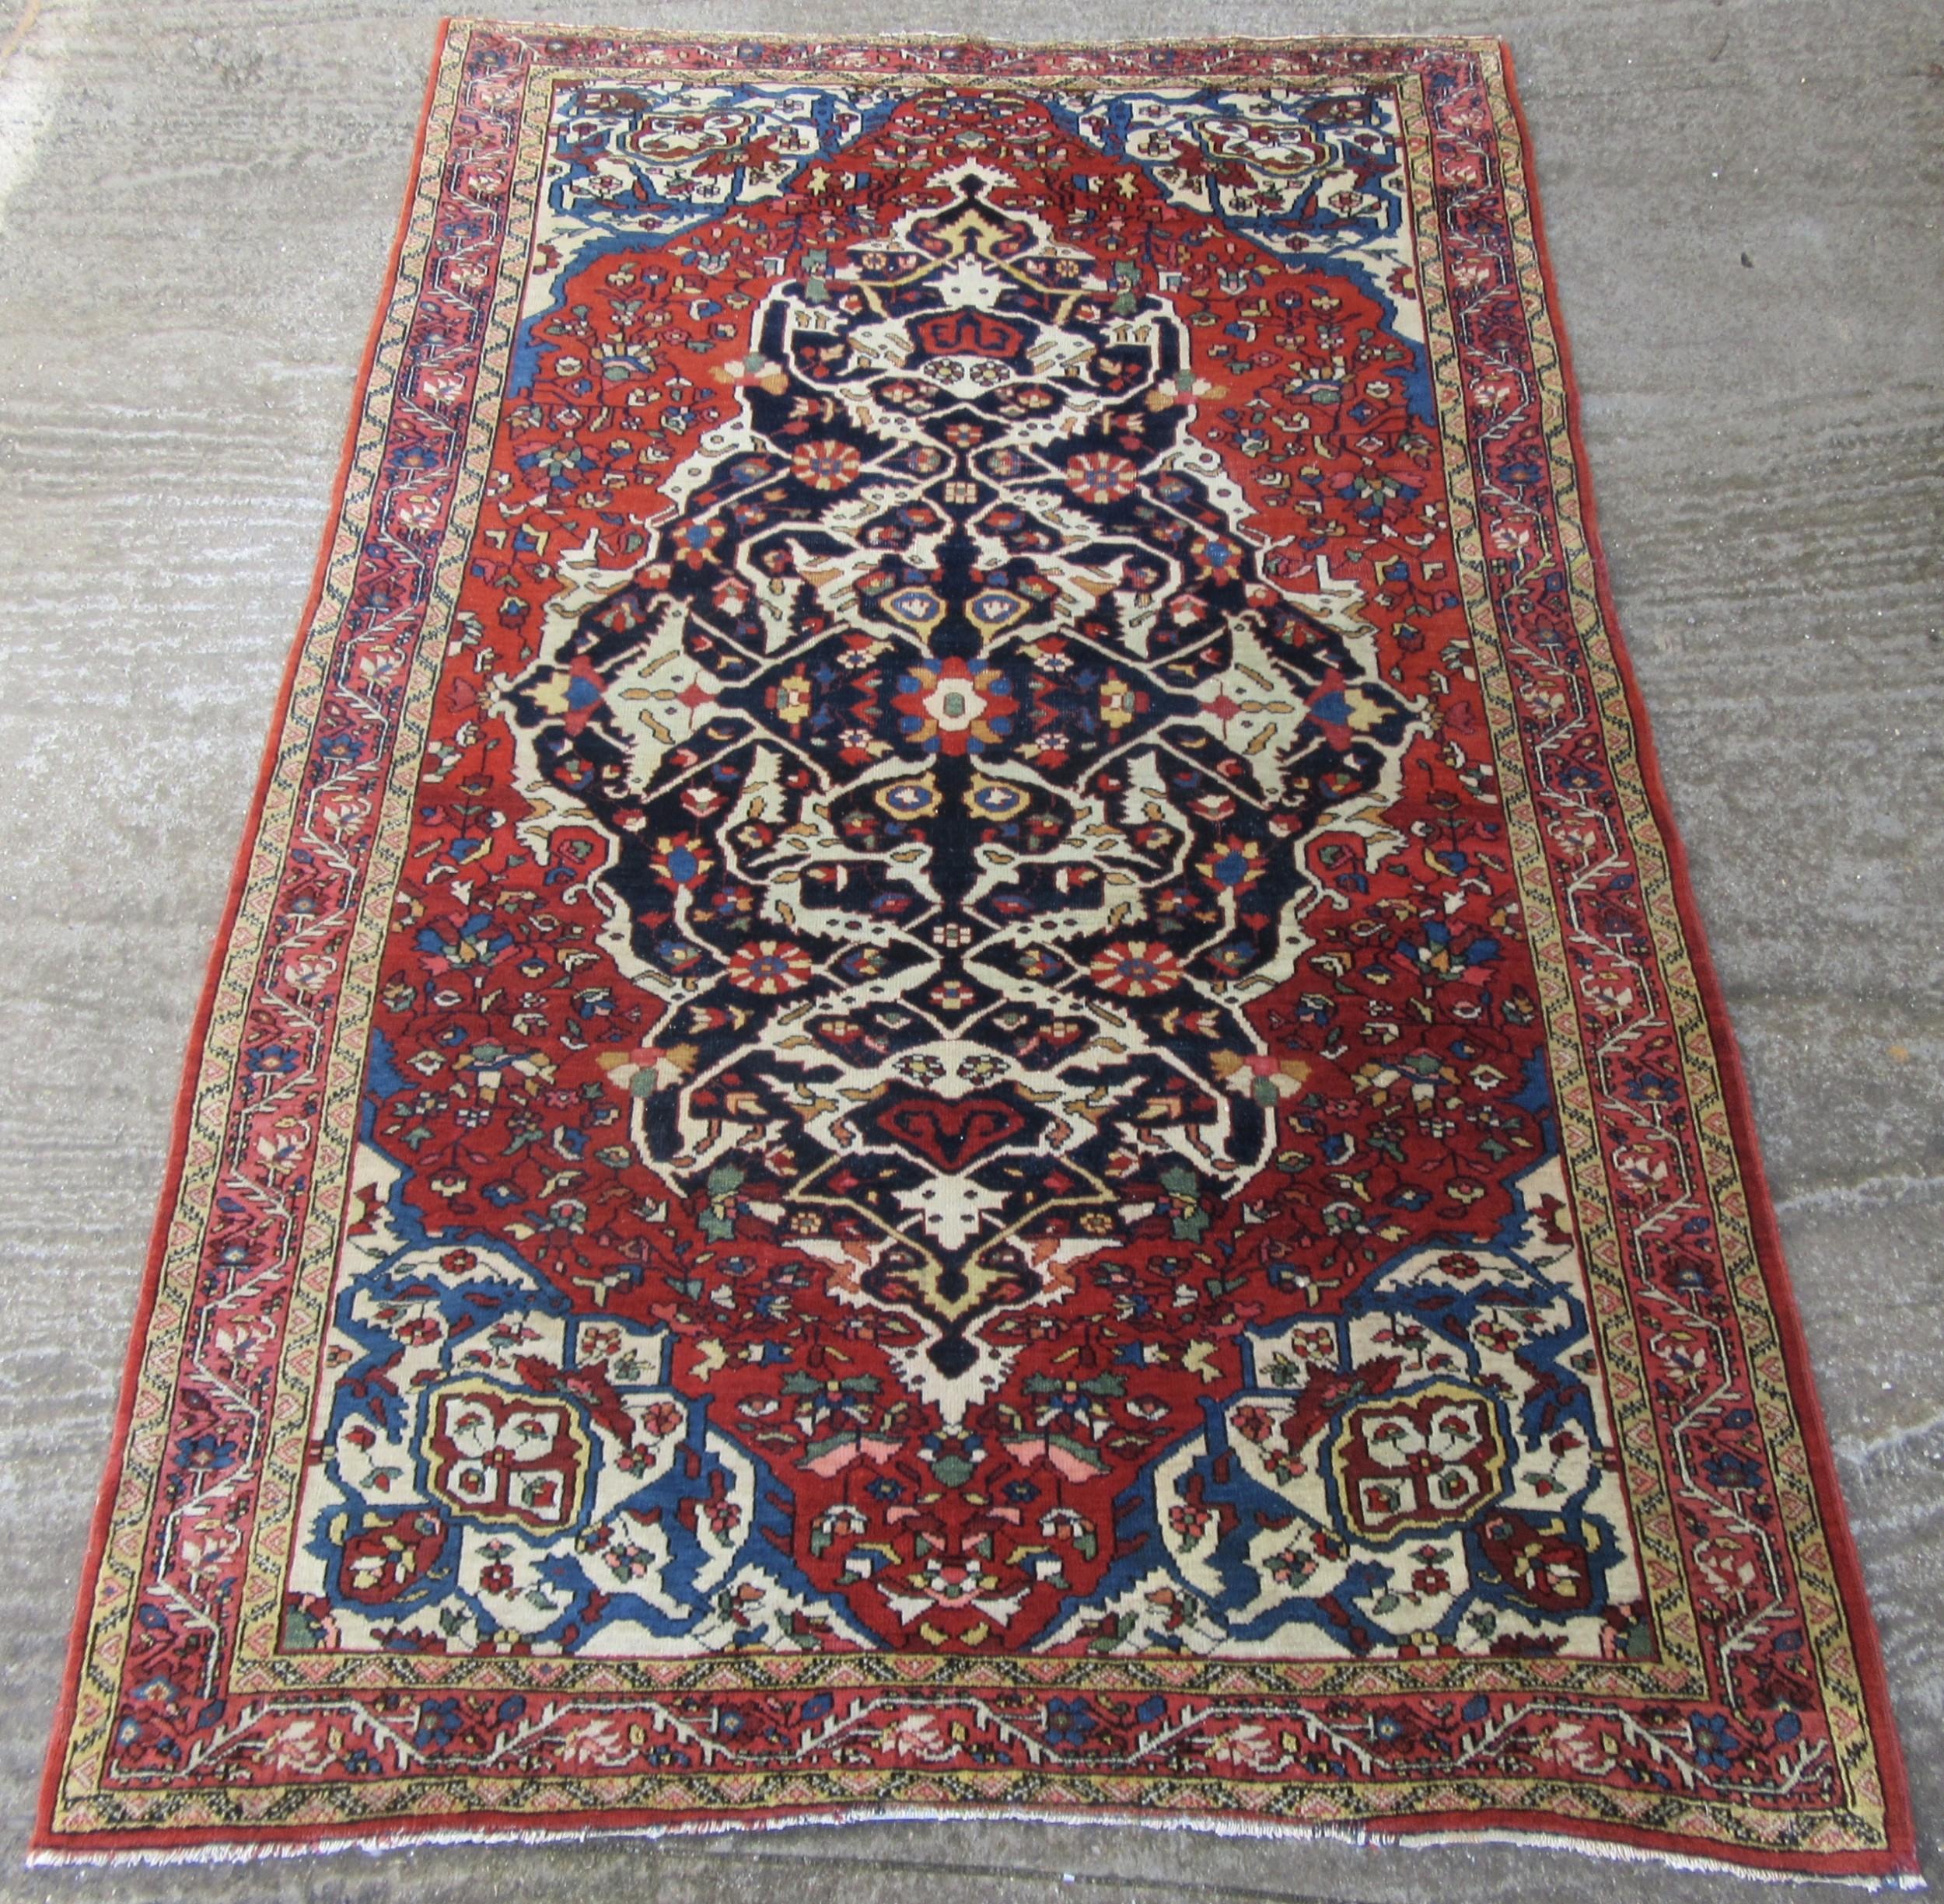 stunning antique persian kurdish bakhtiari tribal rug